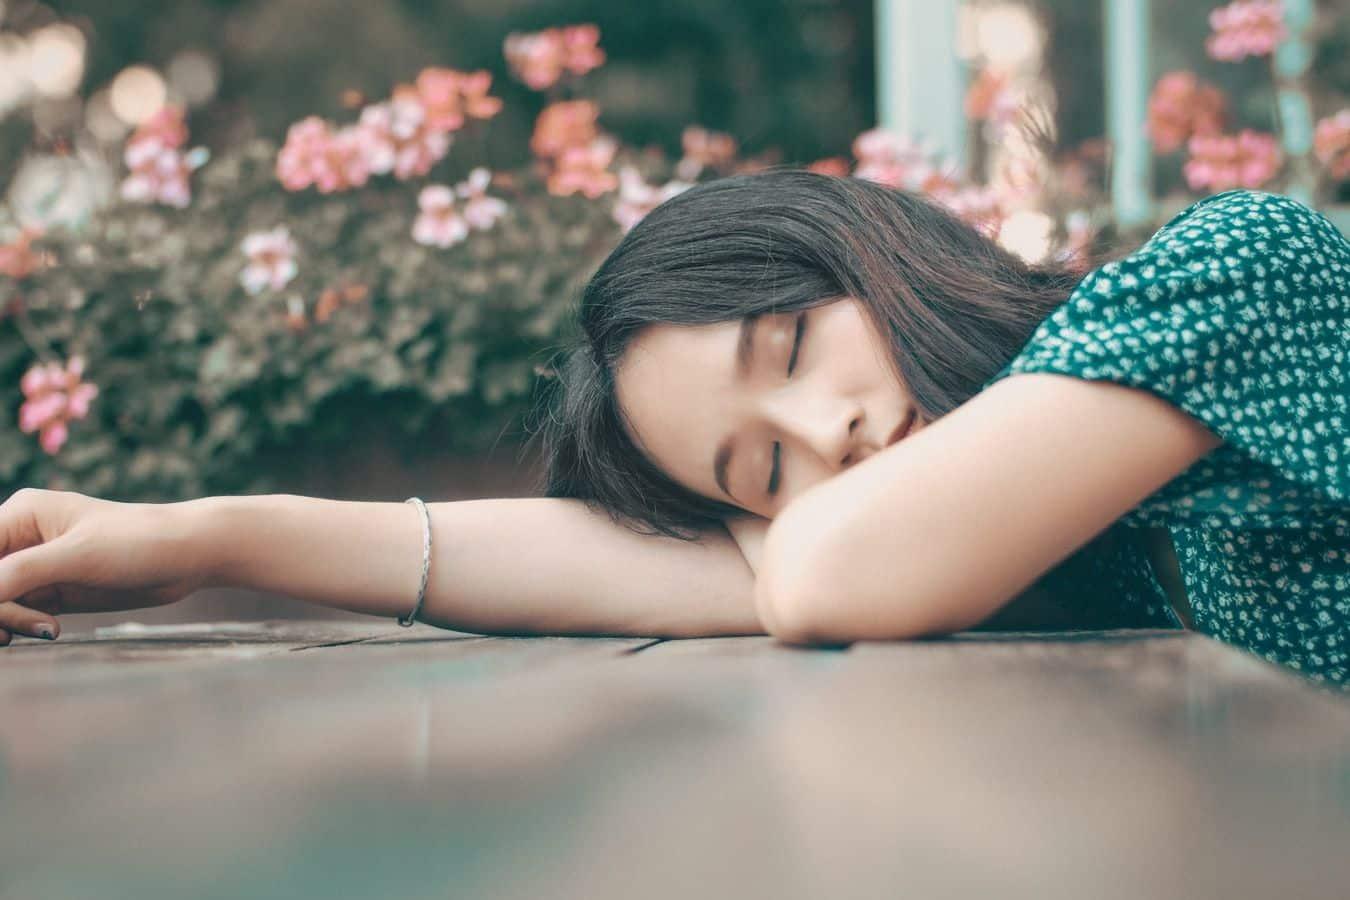 Dormir bem - dicas essenciais para garantir uma boa noite de sono